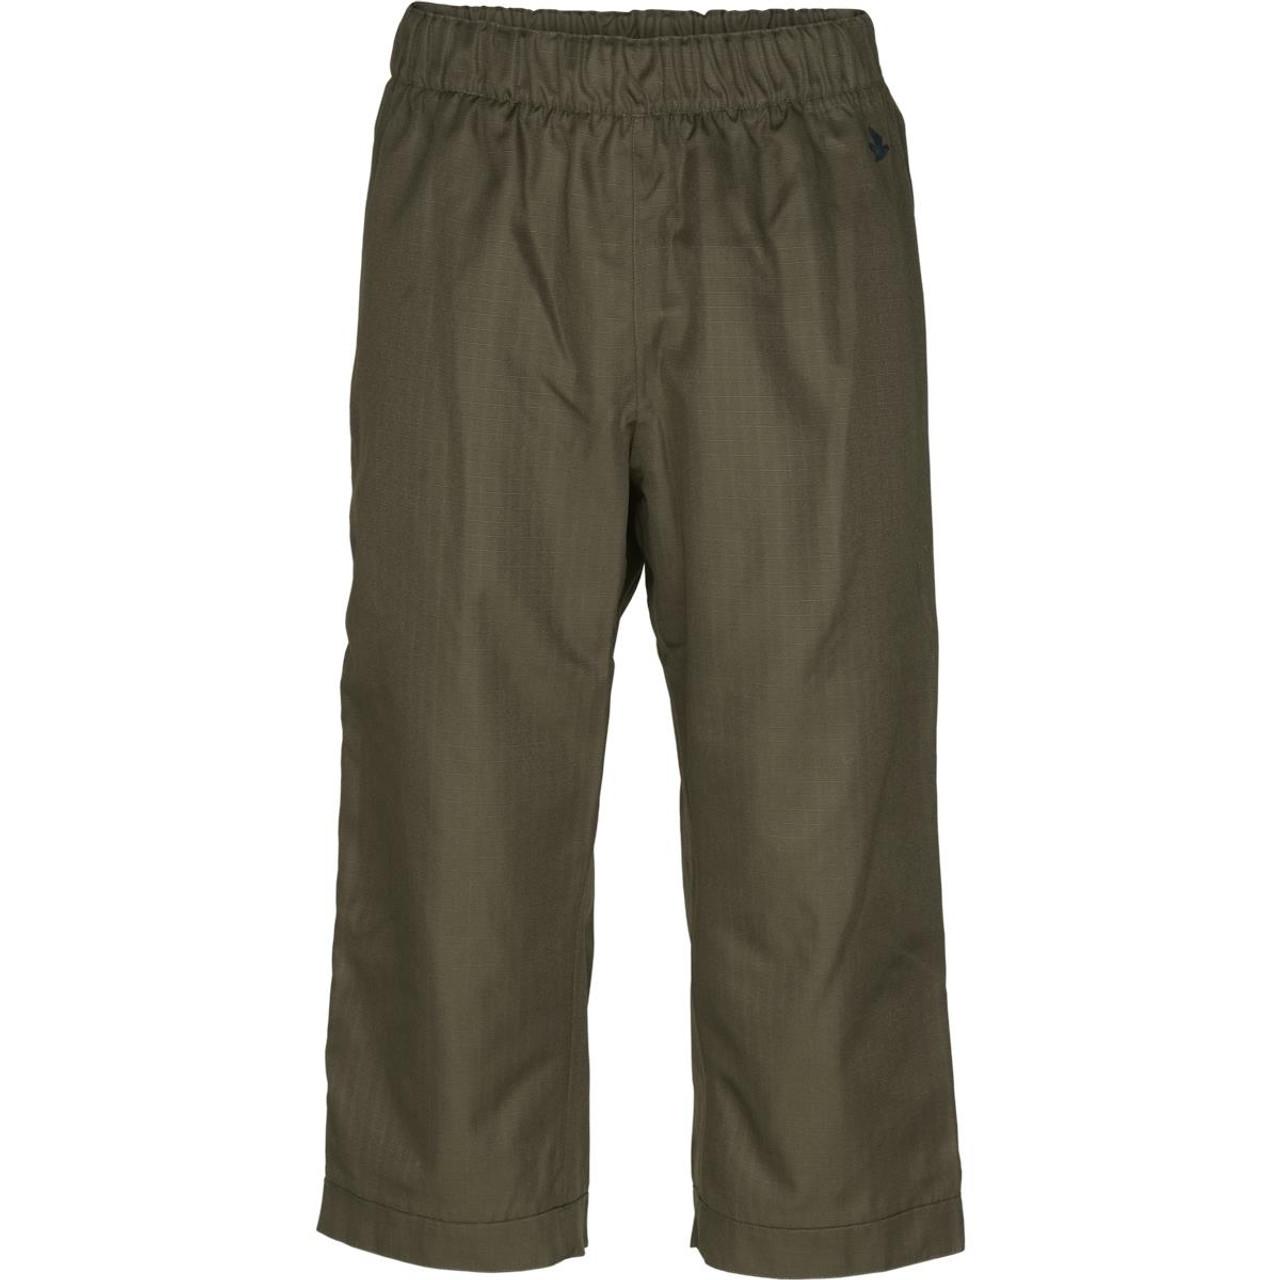 Seeland Mens Buckthorne Short Overtrousers